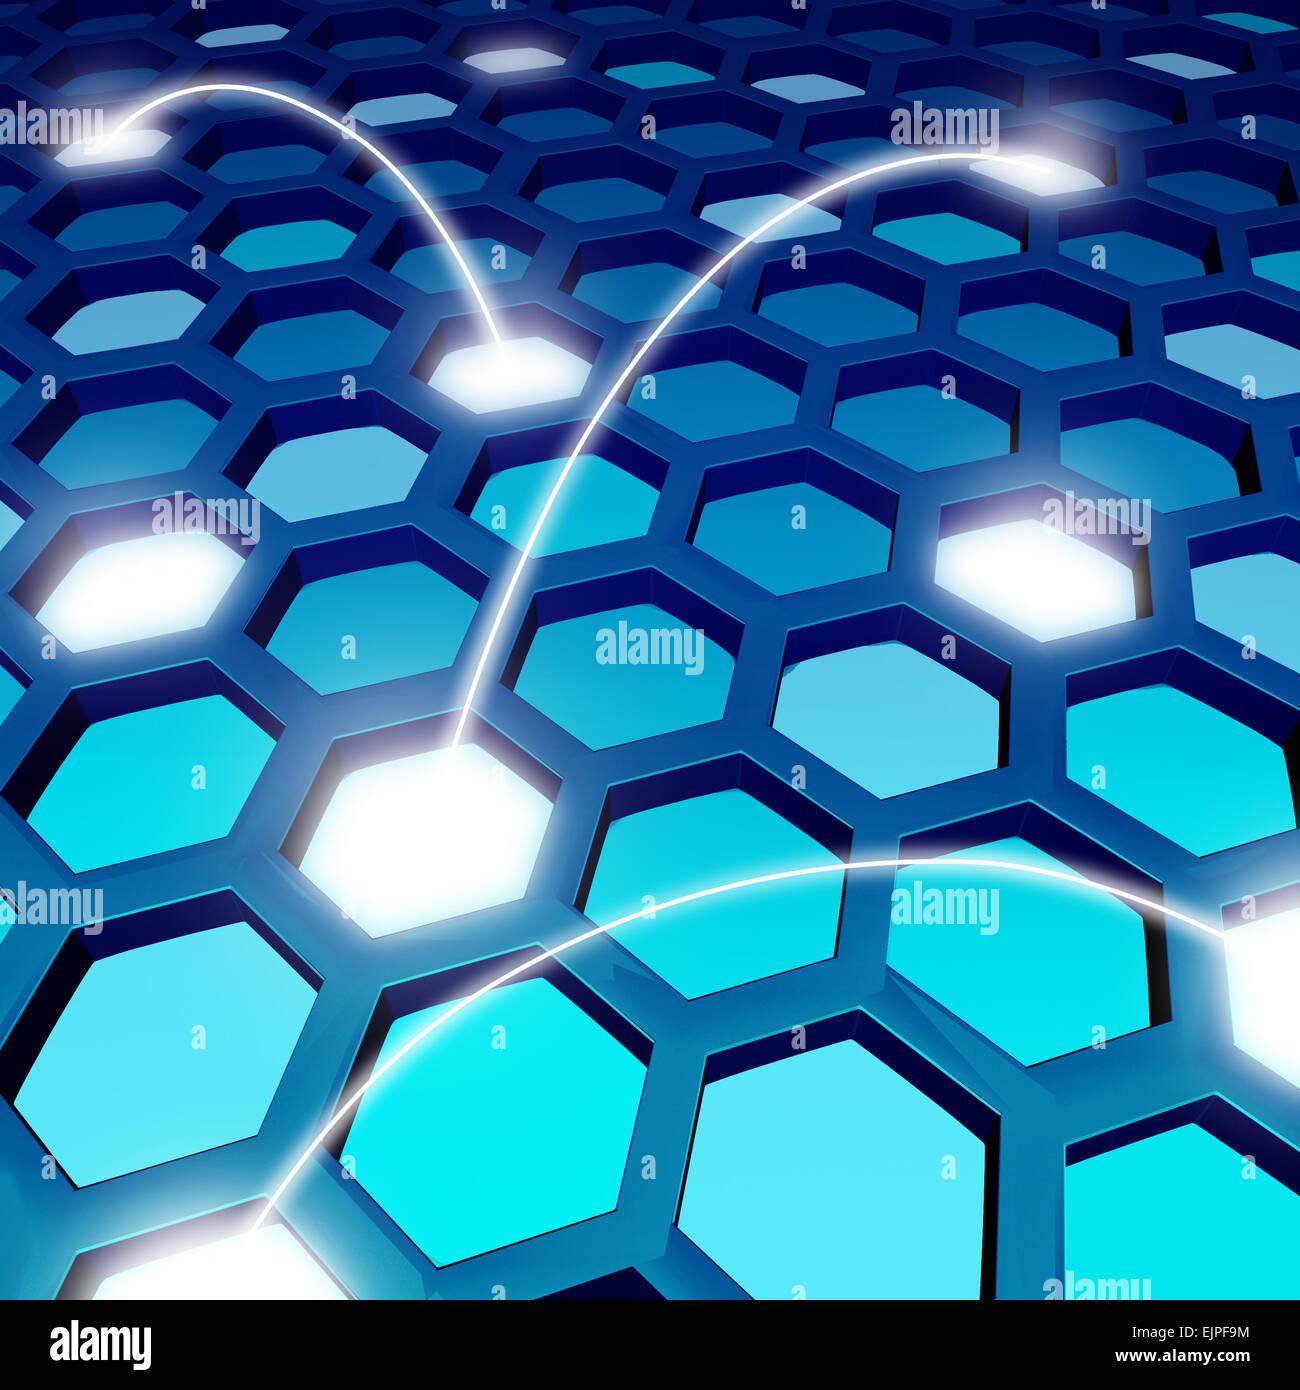 Réseau de communication toile bleu ou global technology background comme un symbole de réseau social avec Photo Stock